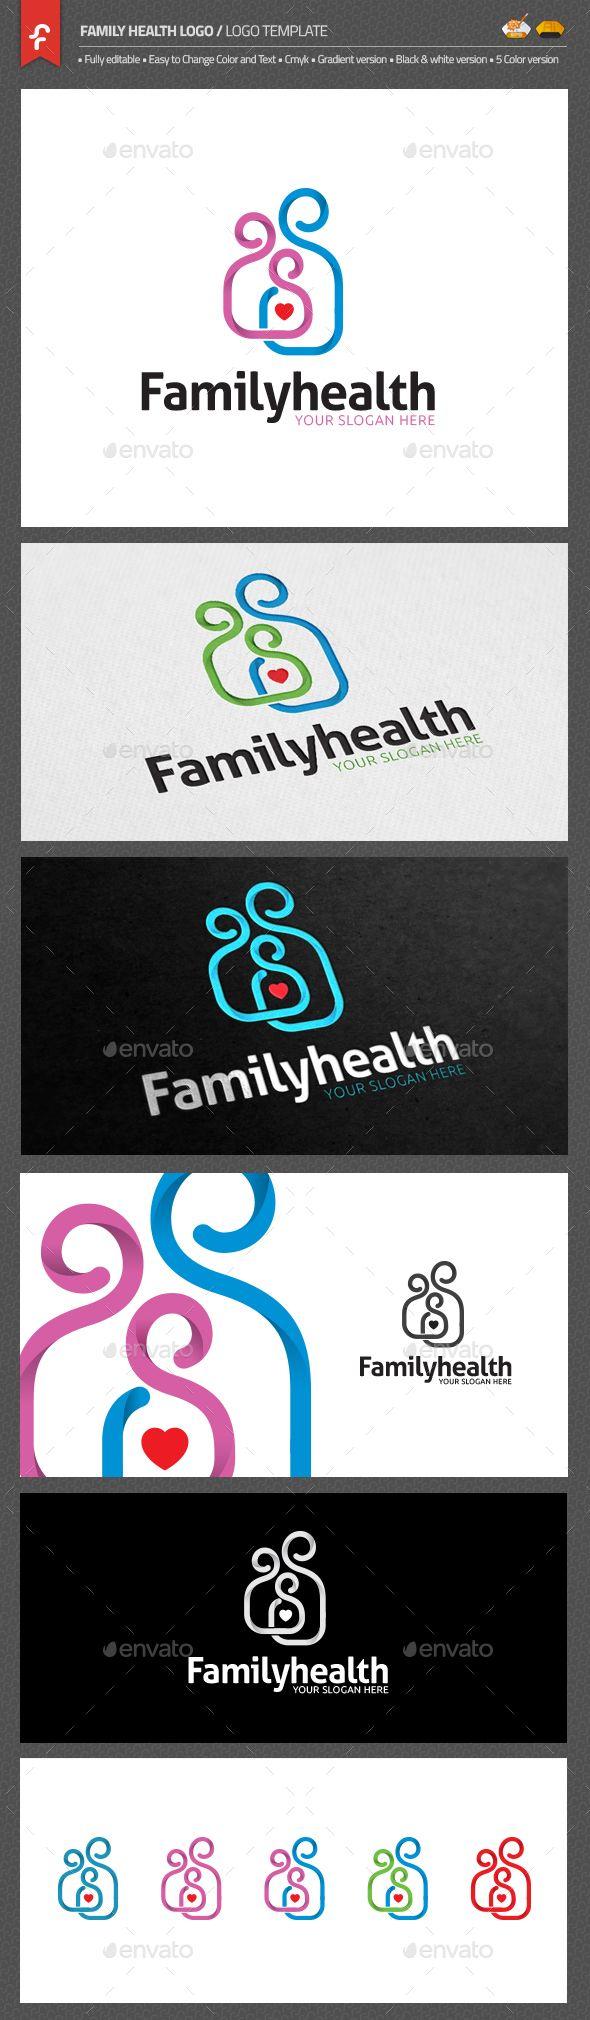 Family Health Logo